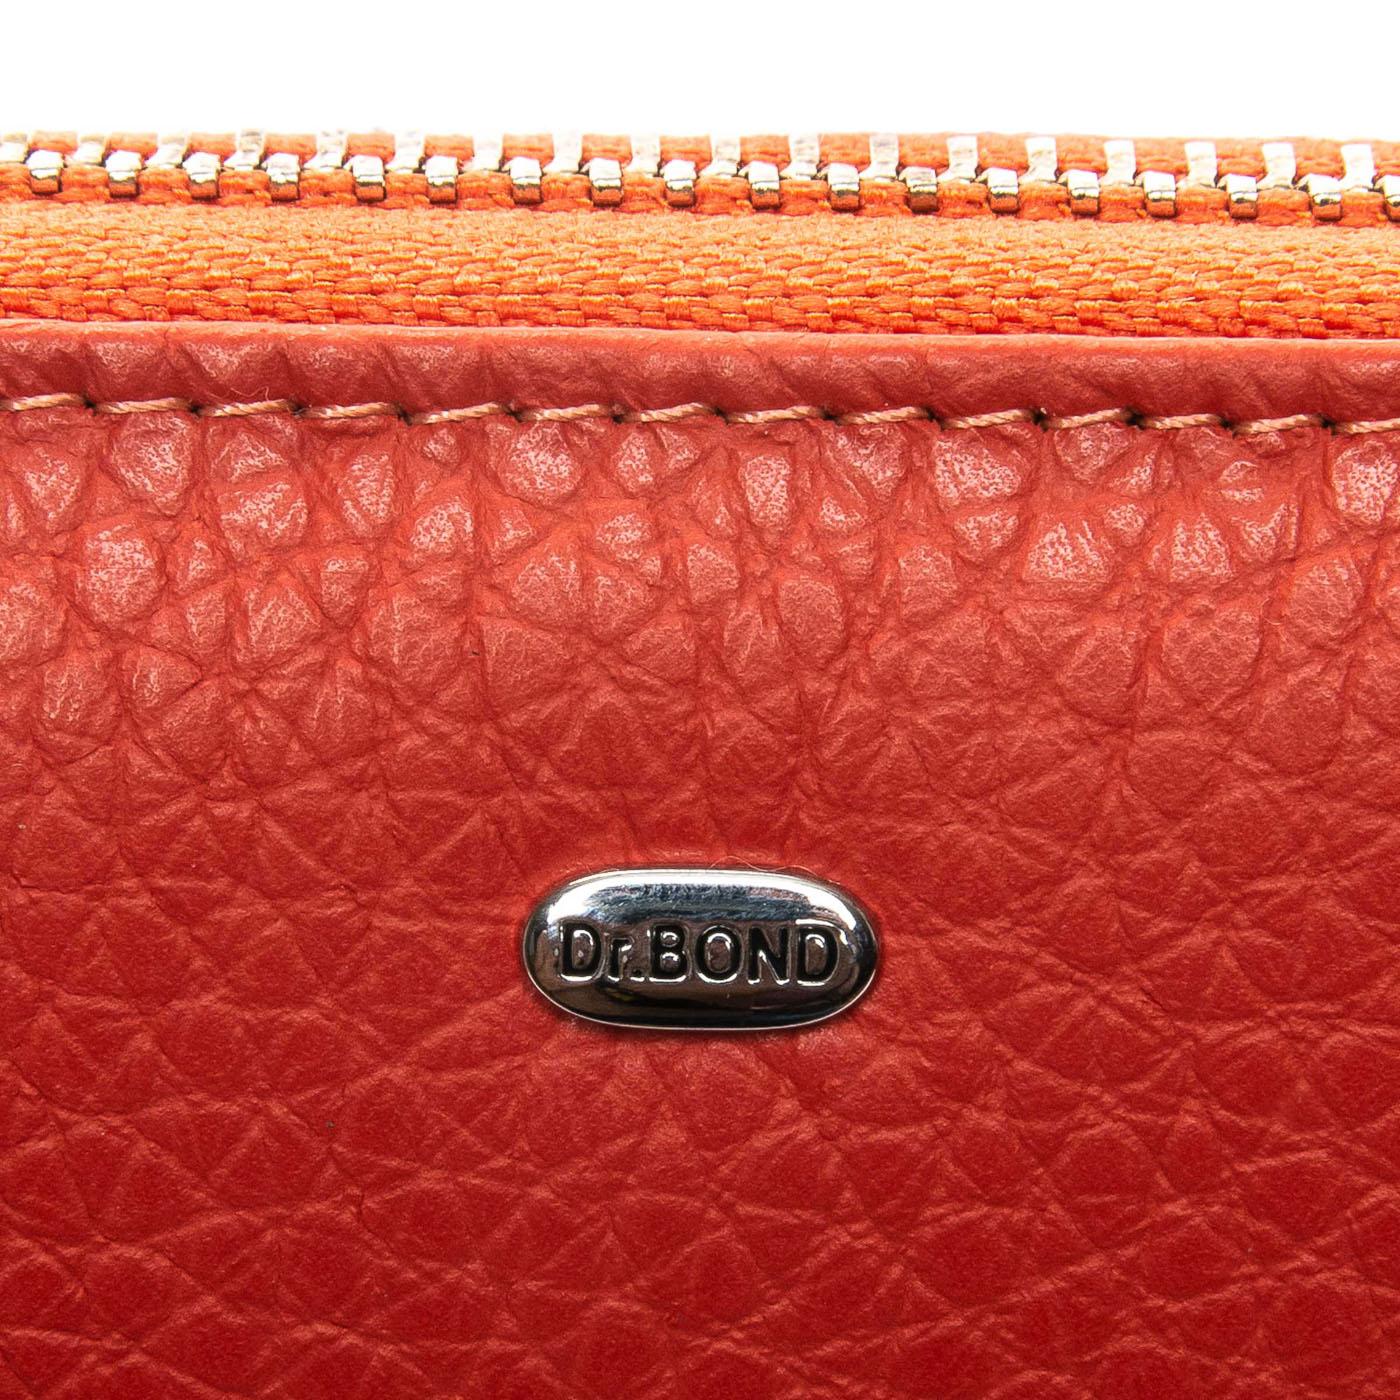 Кошелек Classic кожа DR. BOND WS-8 orange - фото 3